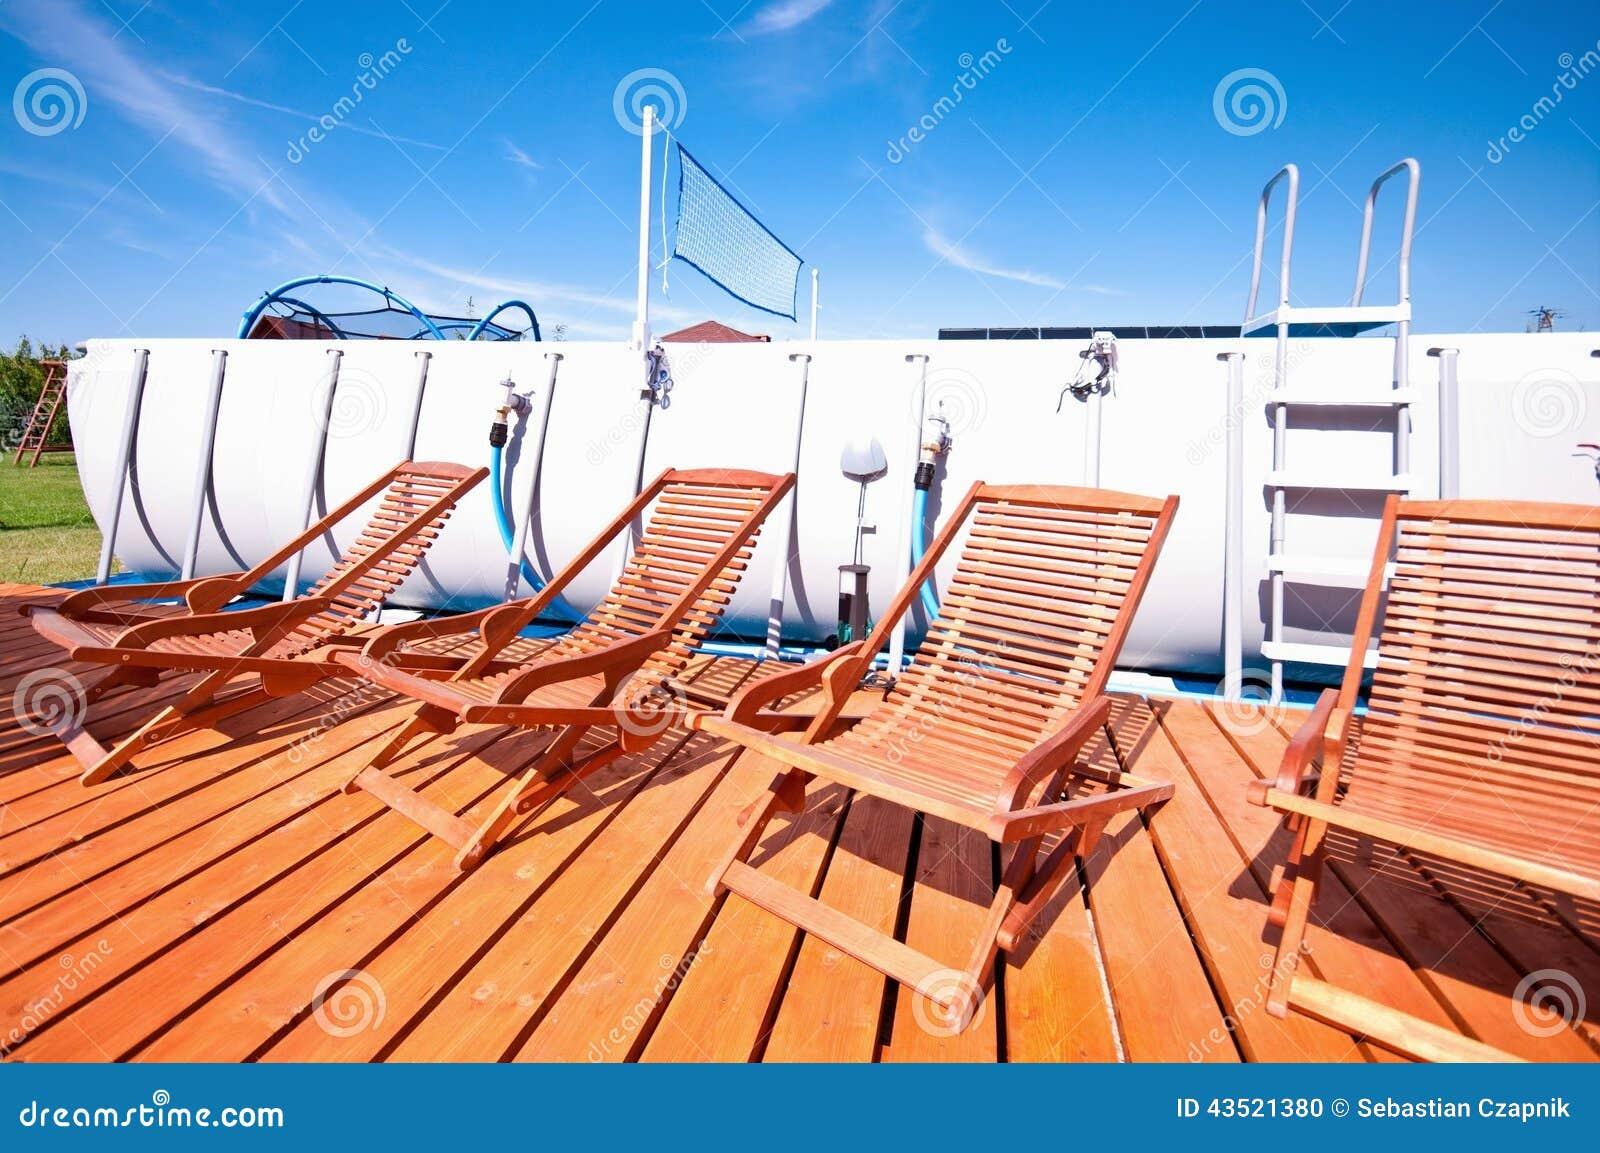 Cadeiras de plataforma da piscina foto de stock imagem for Plataforma para piscina